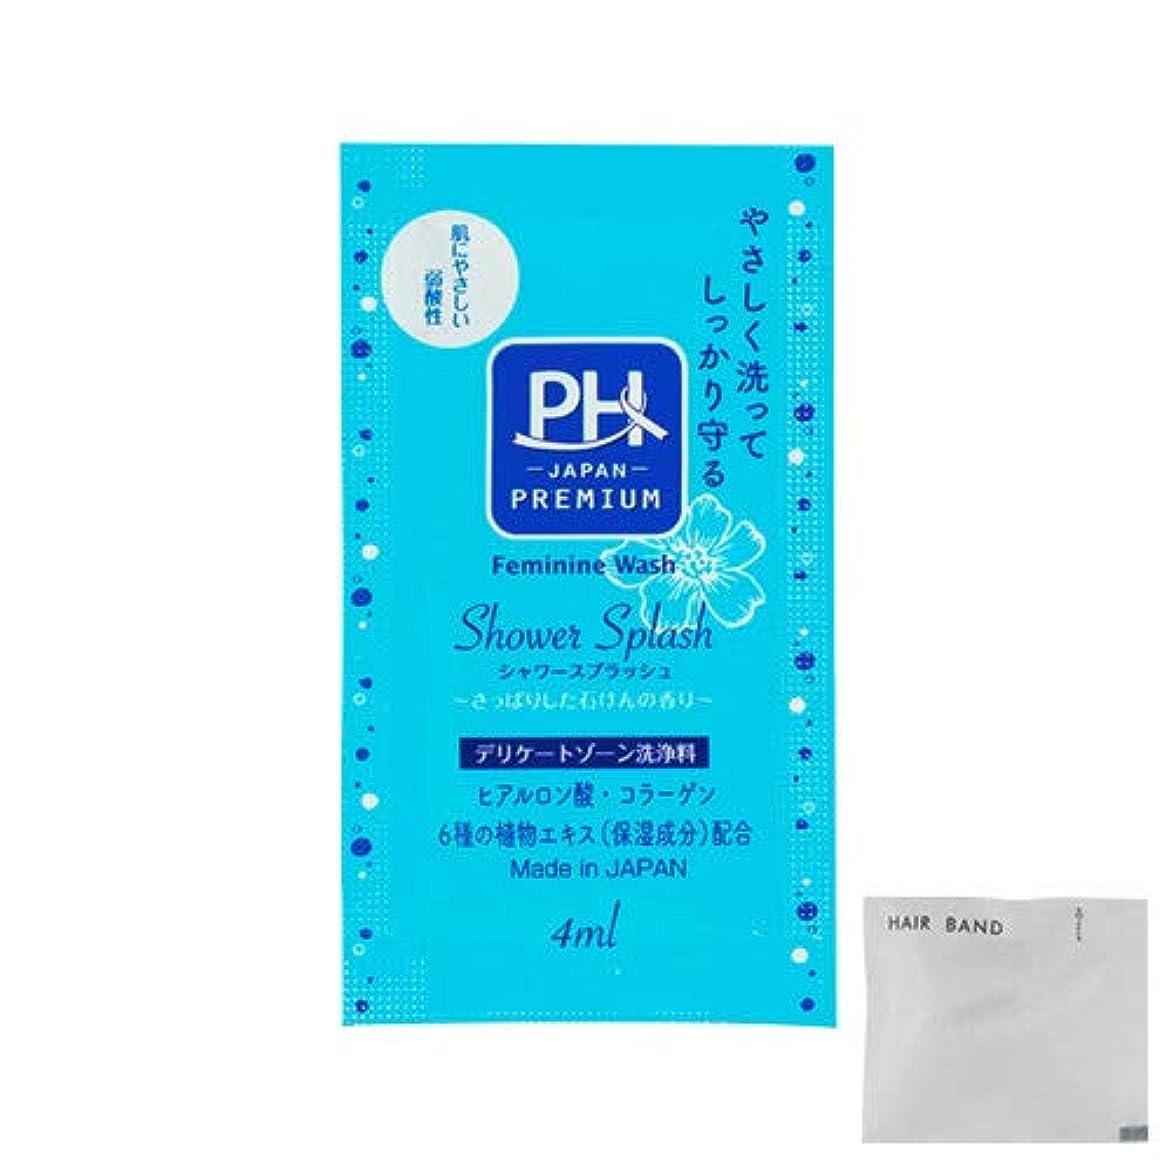 オークション先史時代の面倒PH JAPAN プレミアム フェミニンウォッシュ シャワースプラッシュ 4mL(お試し用)×30個 + ヘアゴム(カラーはおまかせ)セット